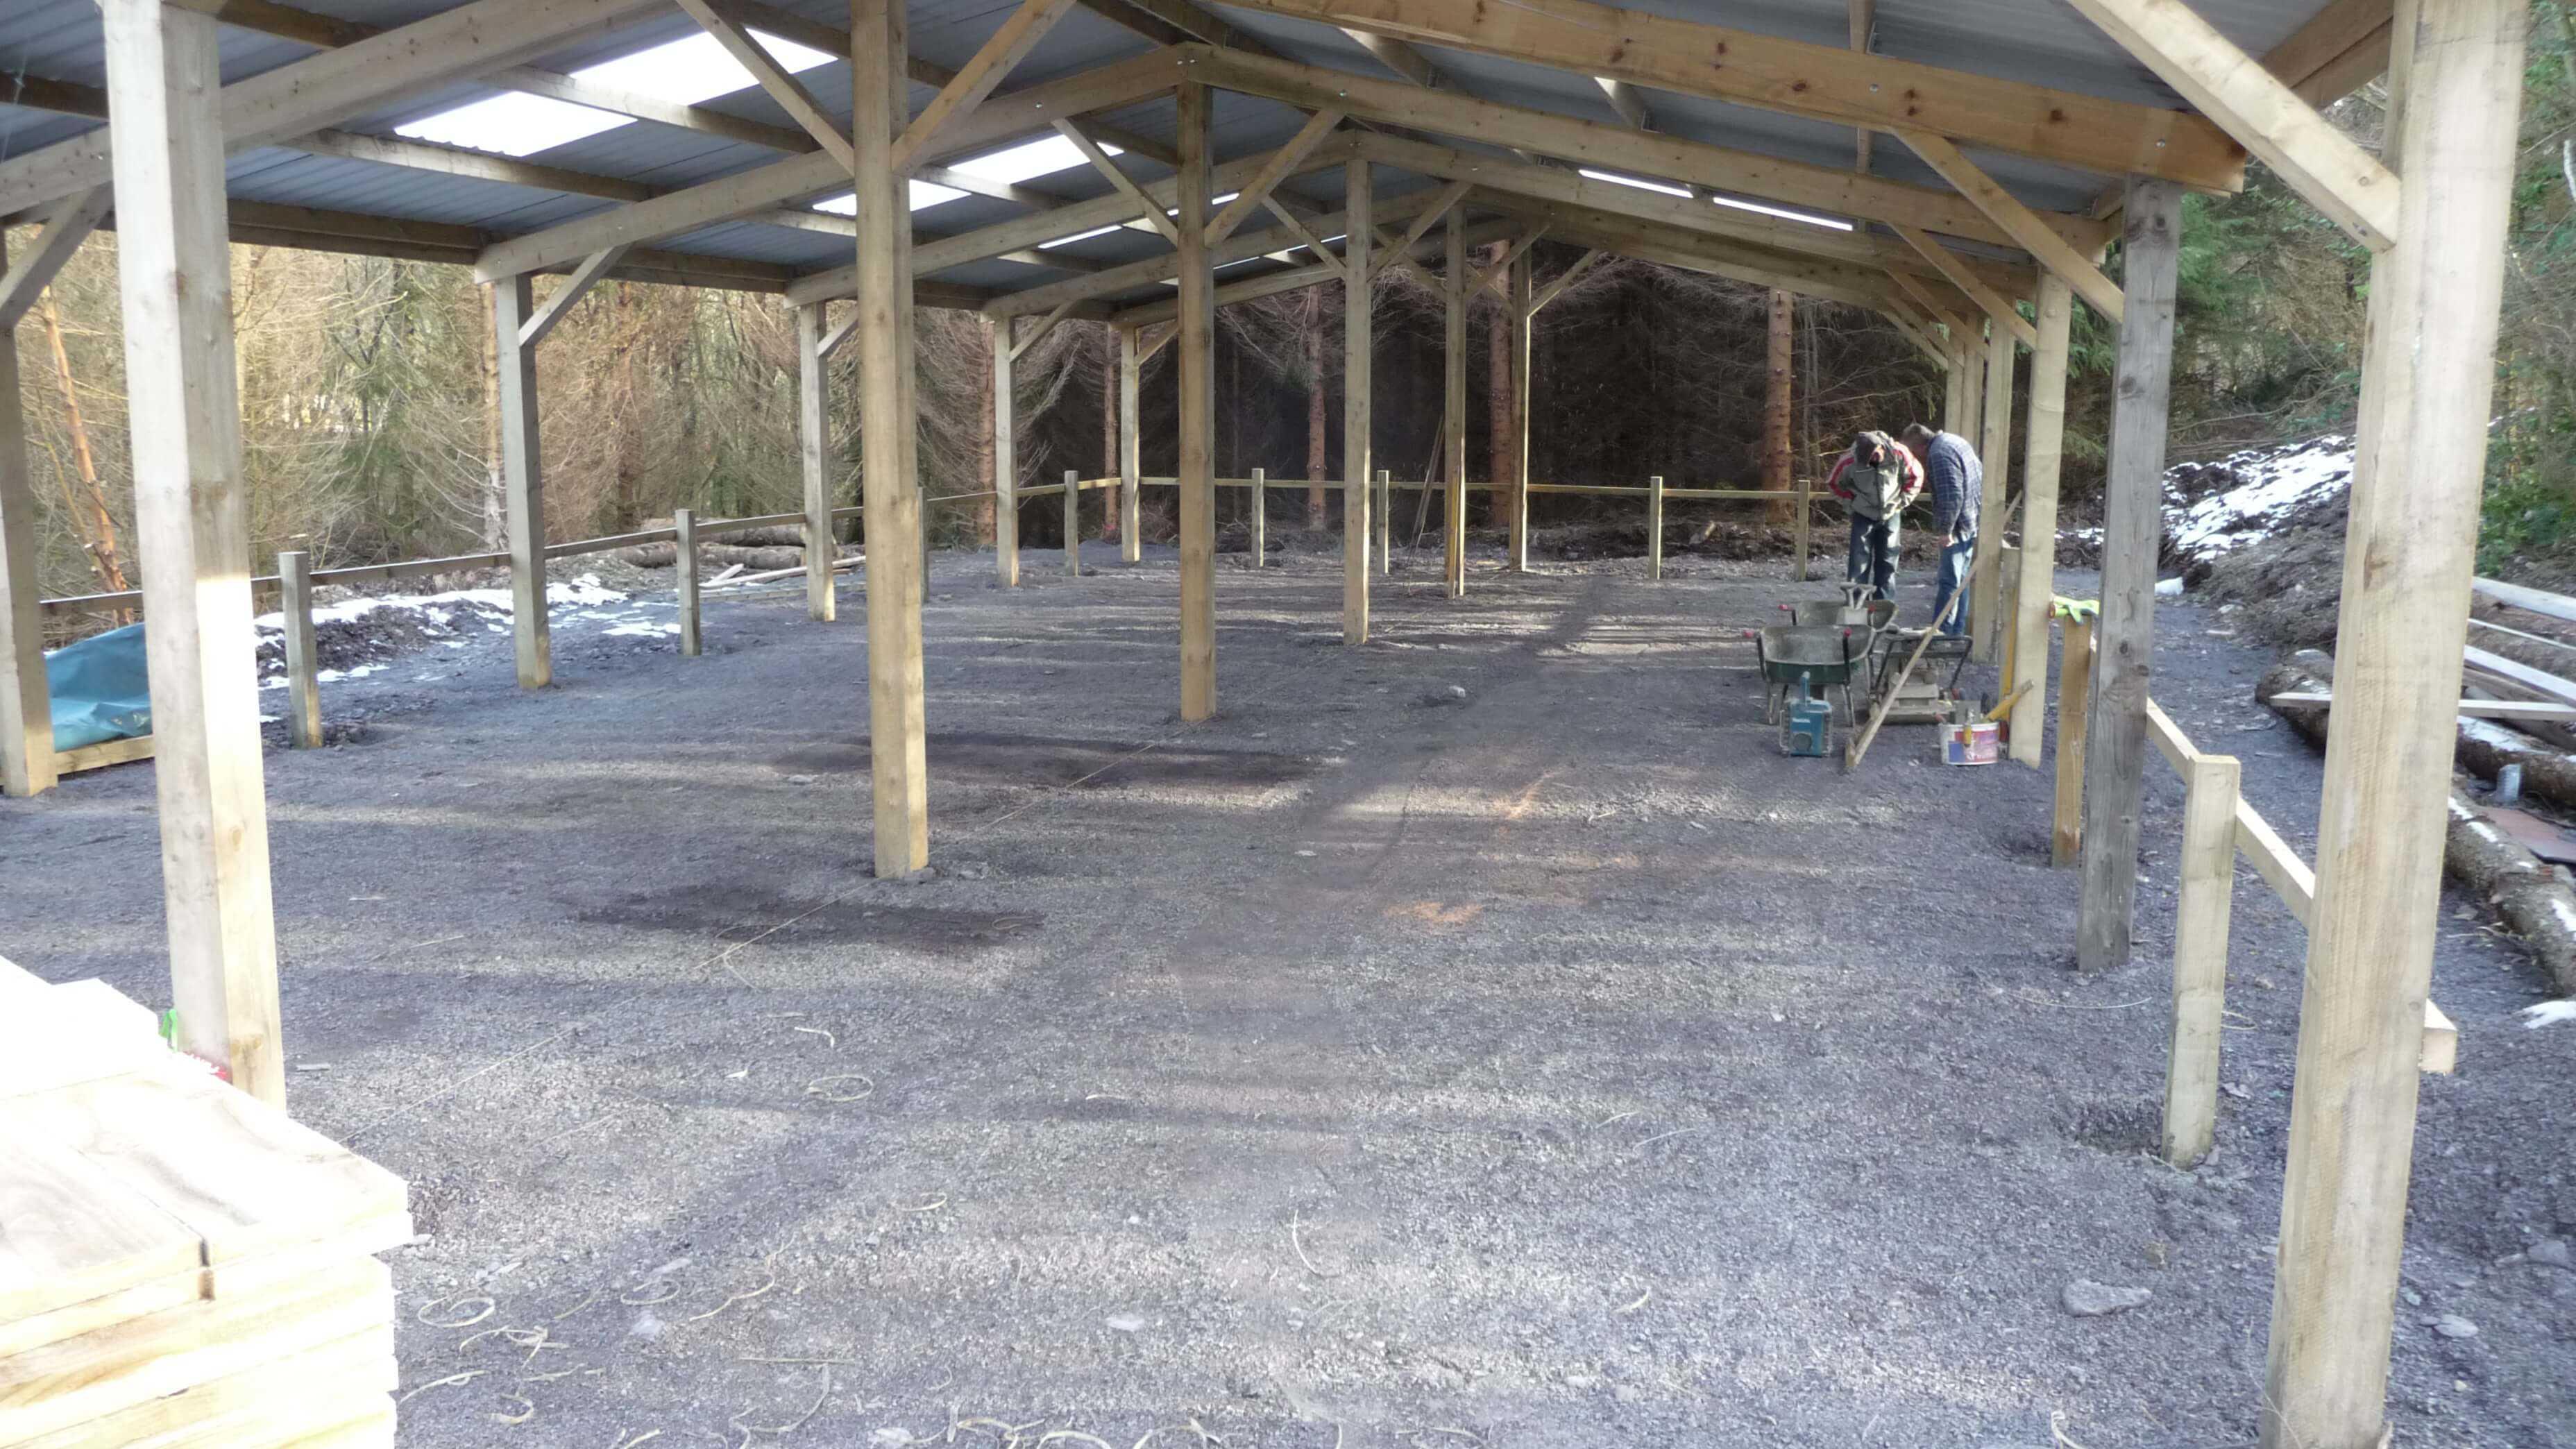 north wales barn conversion